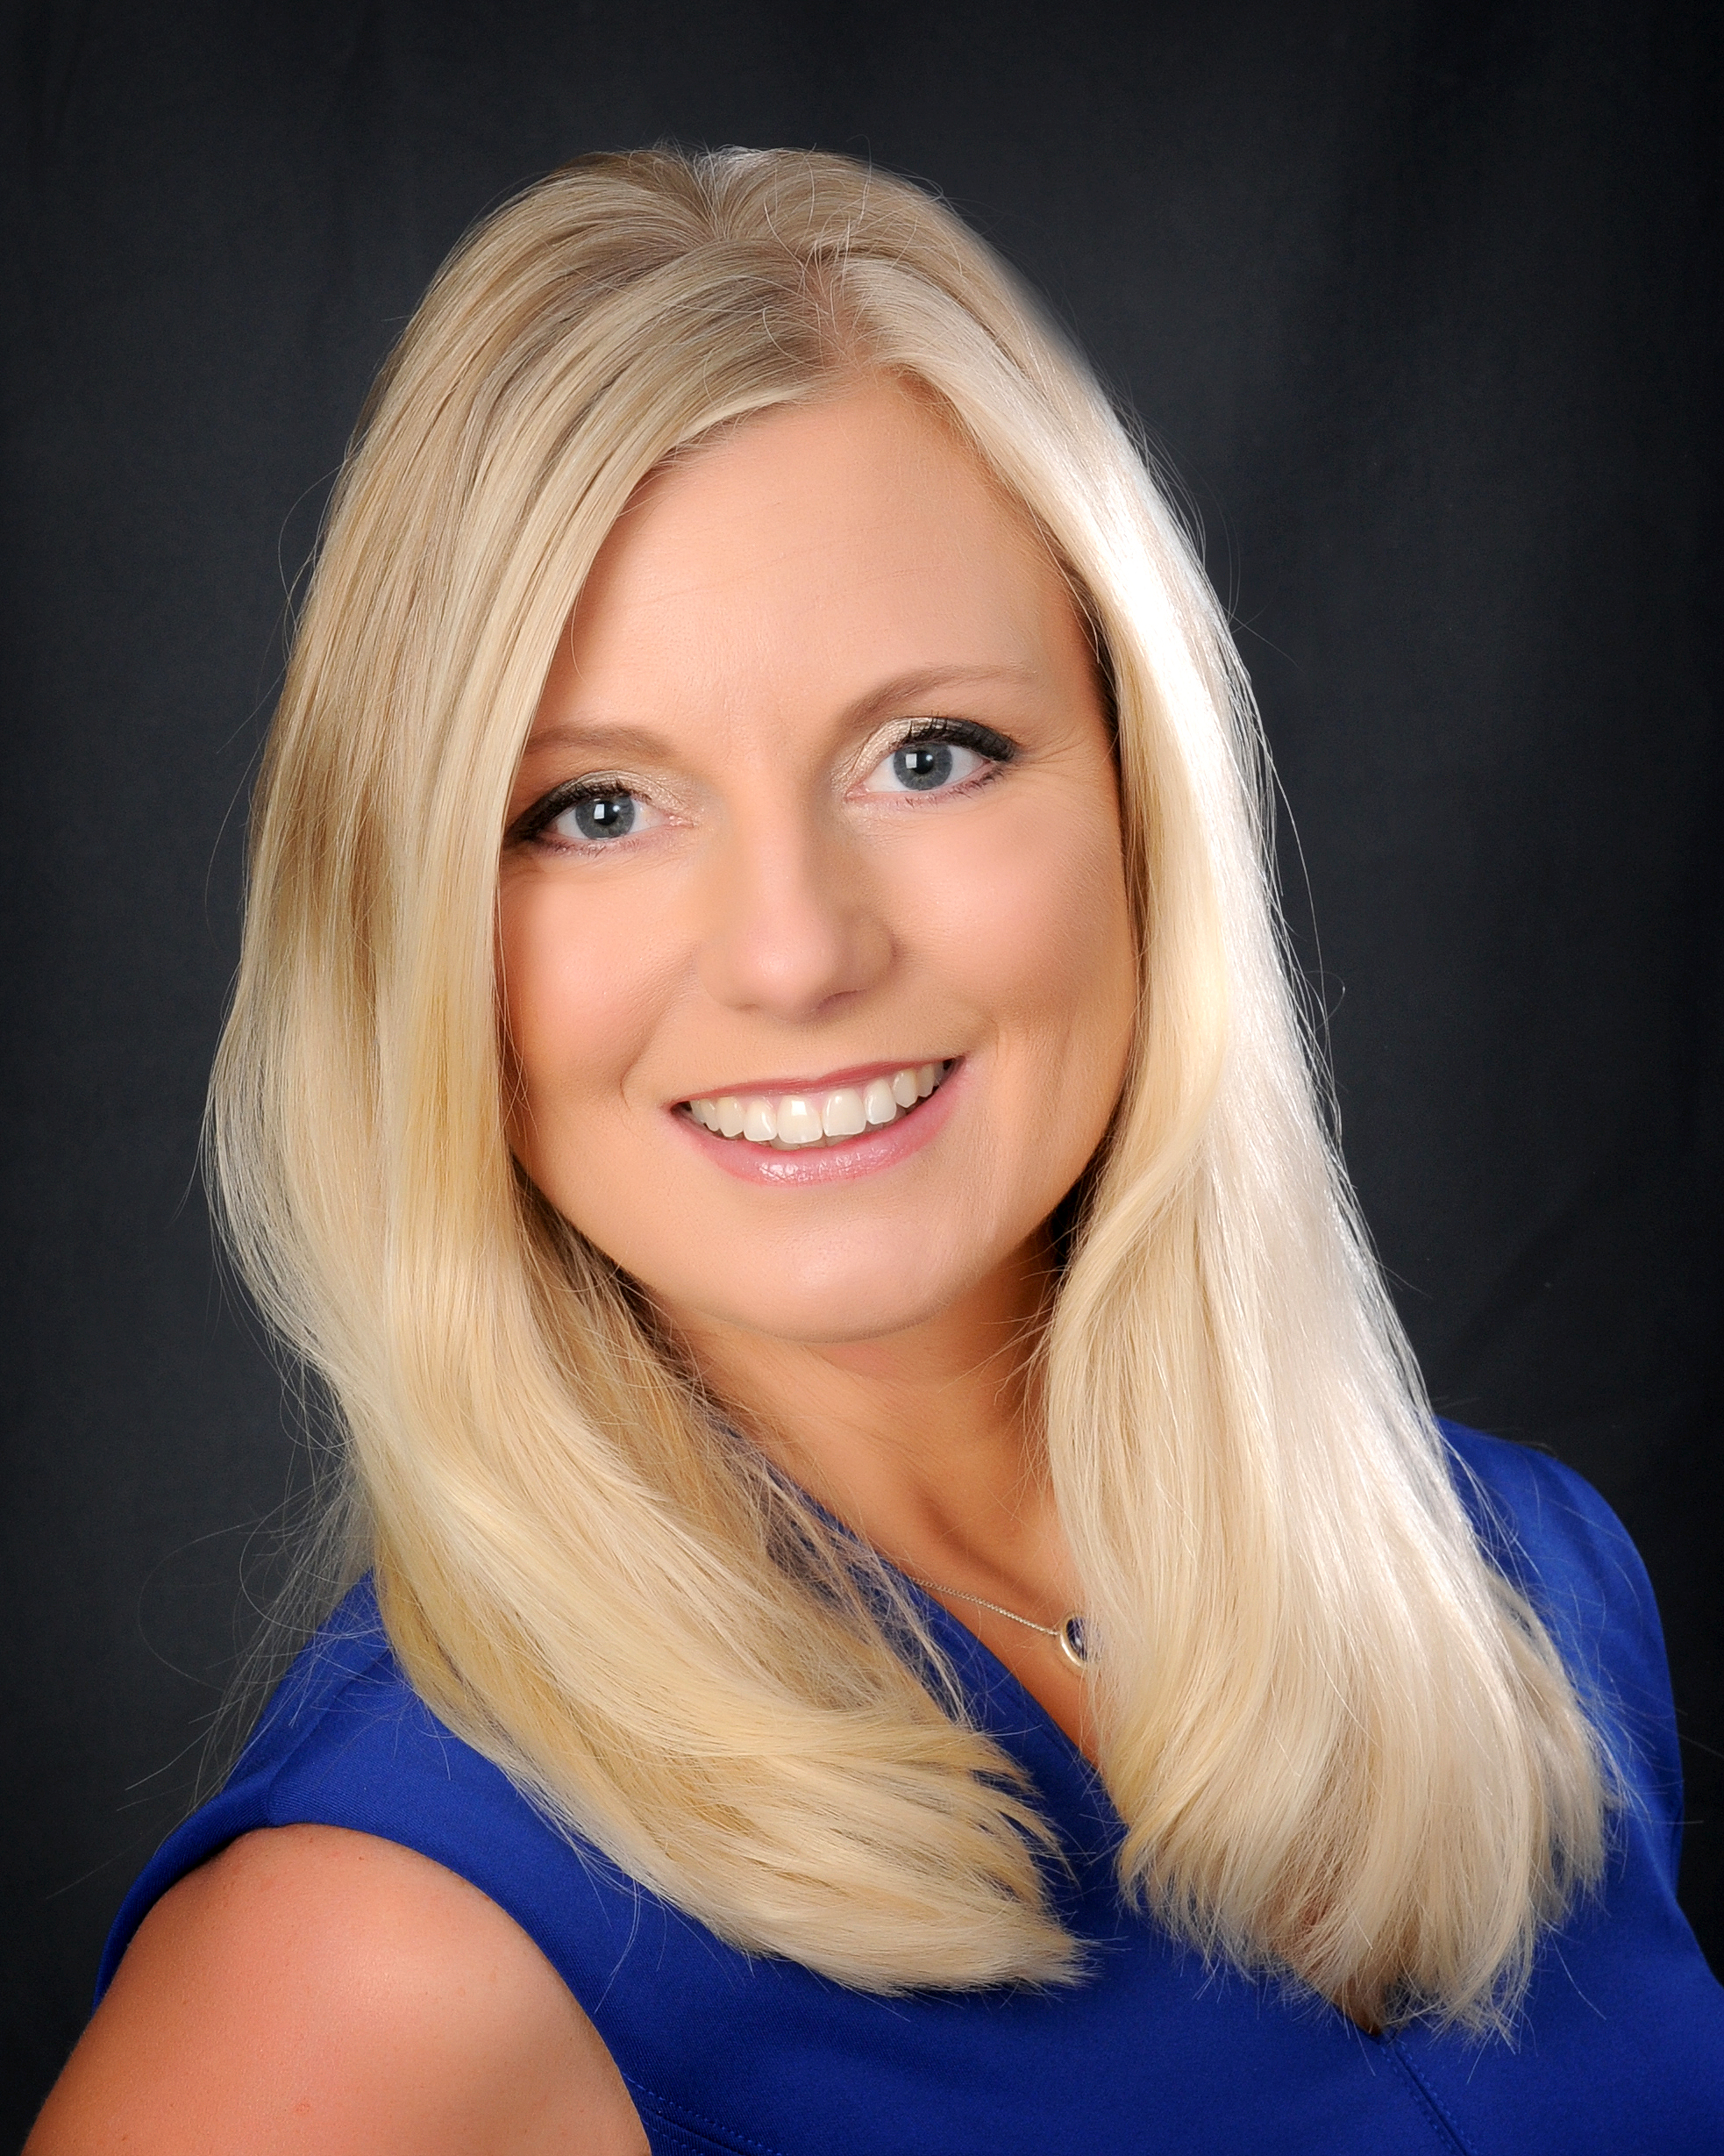 Victoria Tan, Real Estate Agent - Naperville, IL - Coldwell